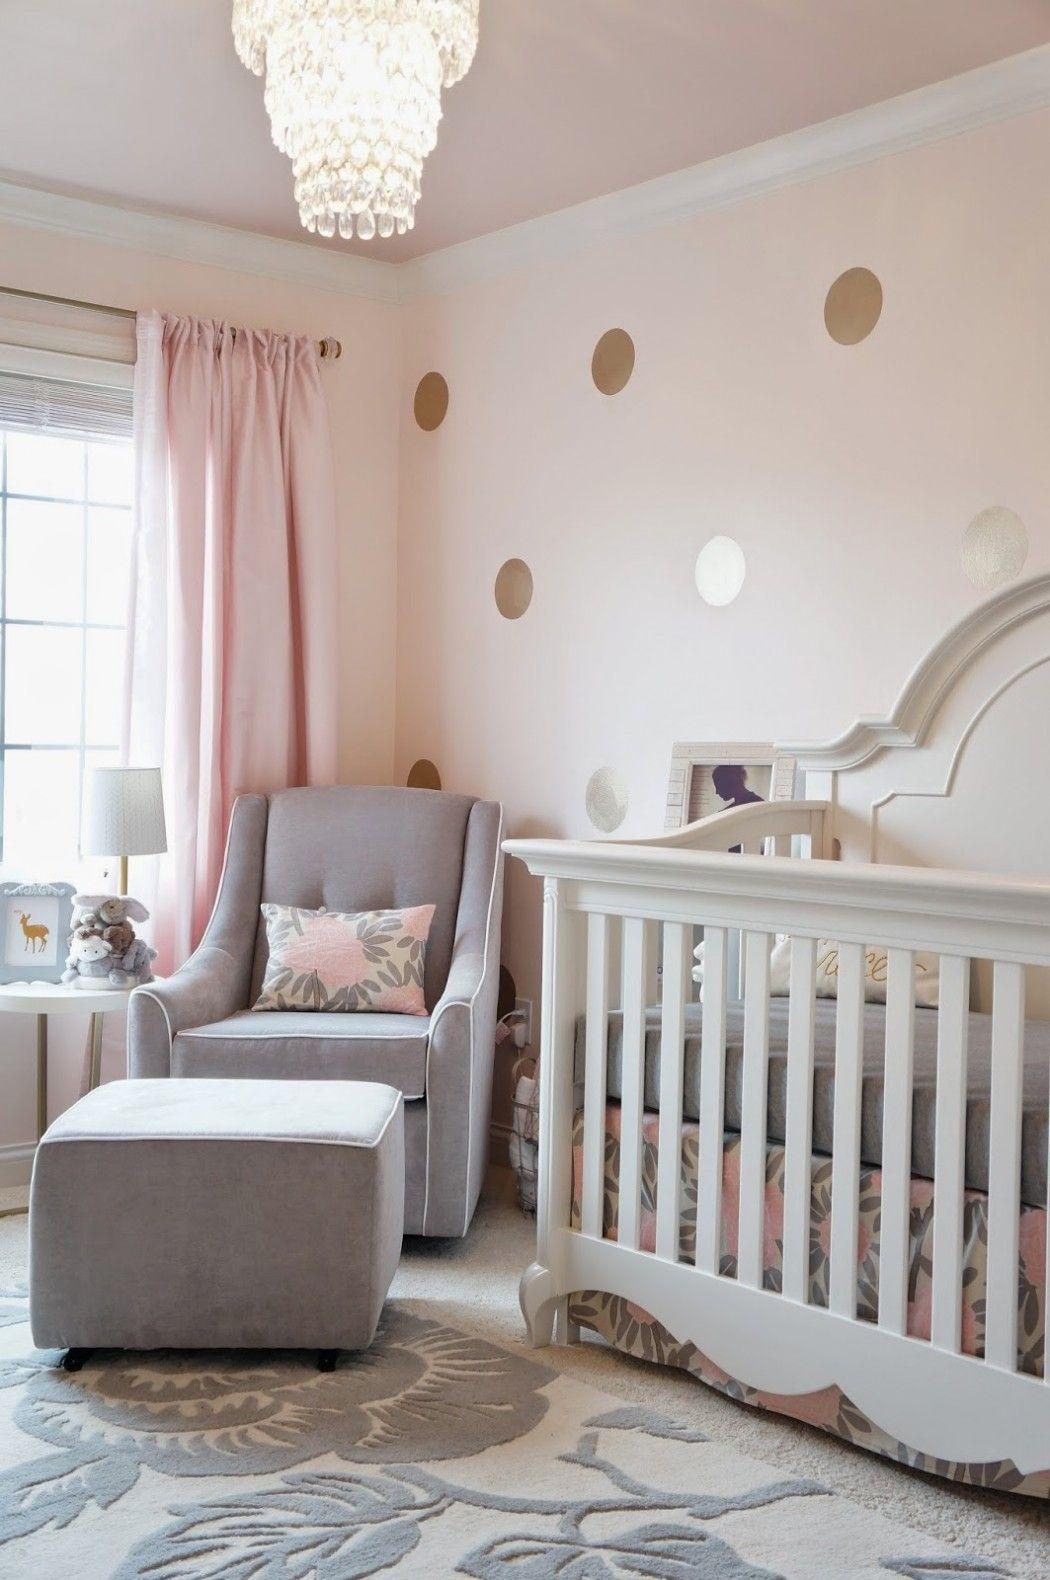 Déco chic & simple pour cette chambre bébé fille | babies ...